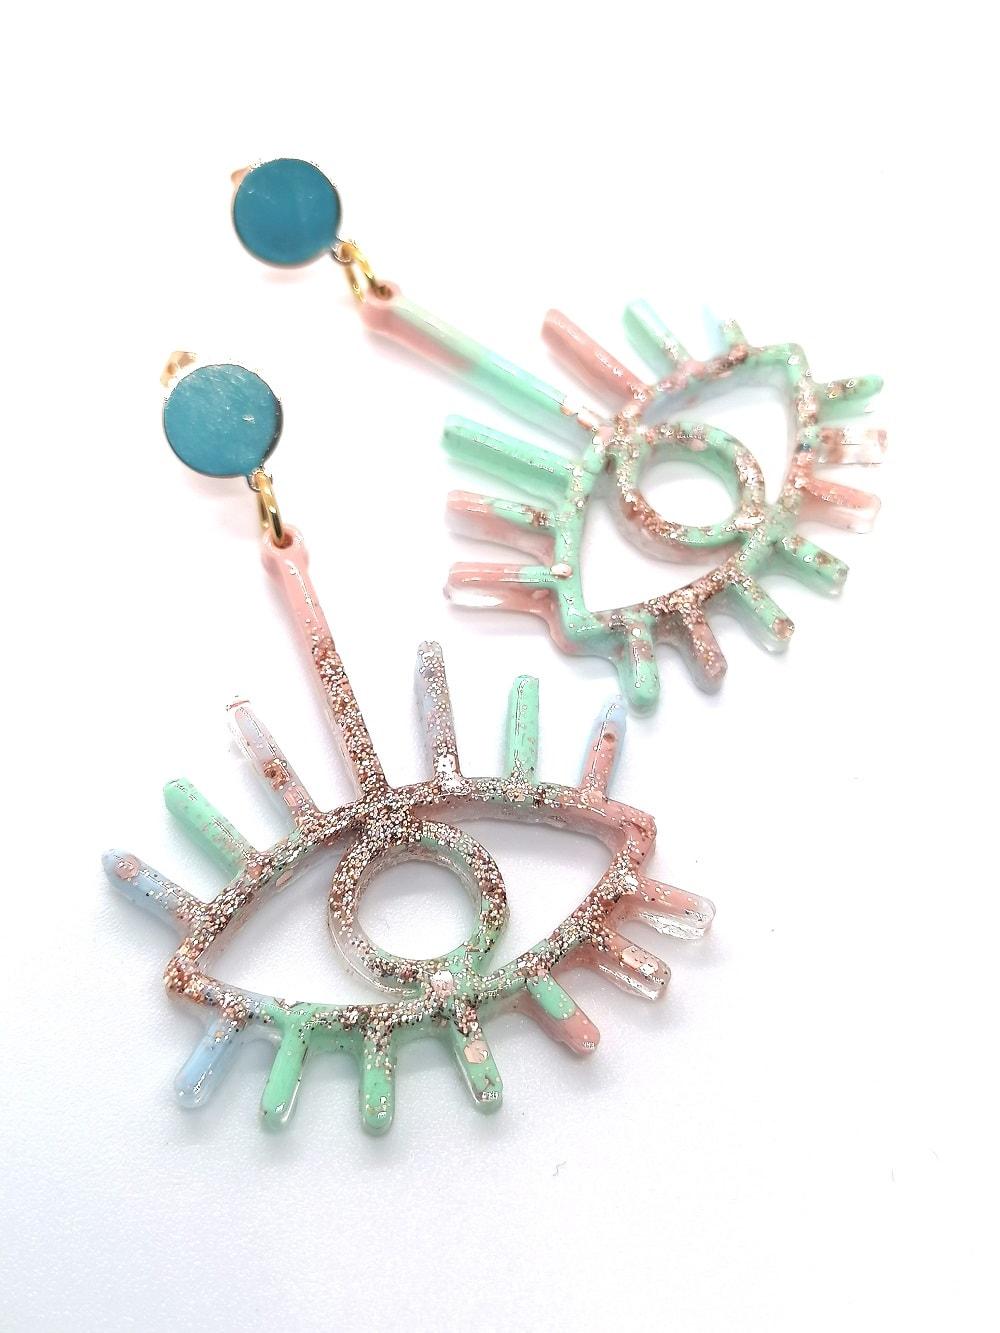 ein Paar handgemachte Ohrringe der Firma Heartwork aus Klagenfurt in Form von Irisaugen mit den Farben hellblau, mint, rose und rosegoldenem Glitzer